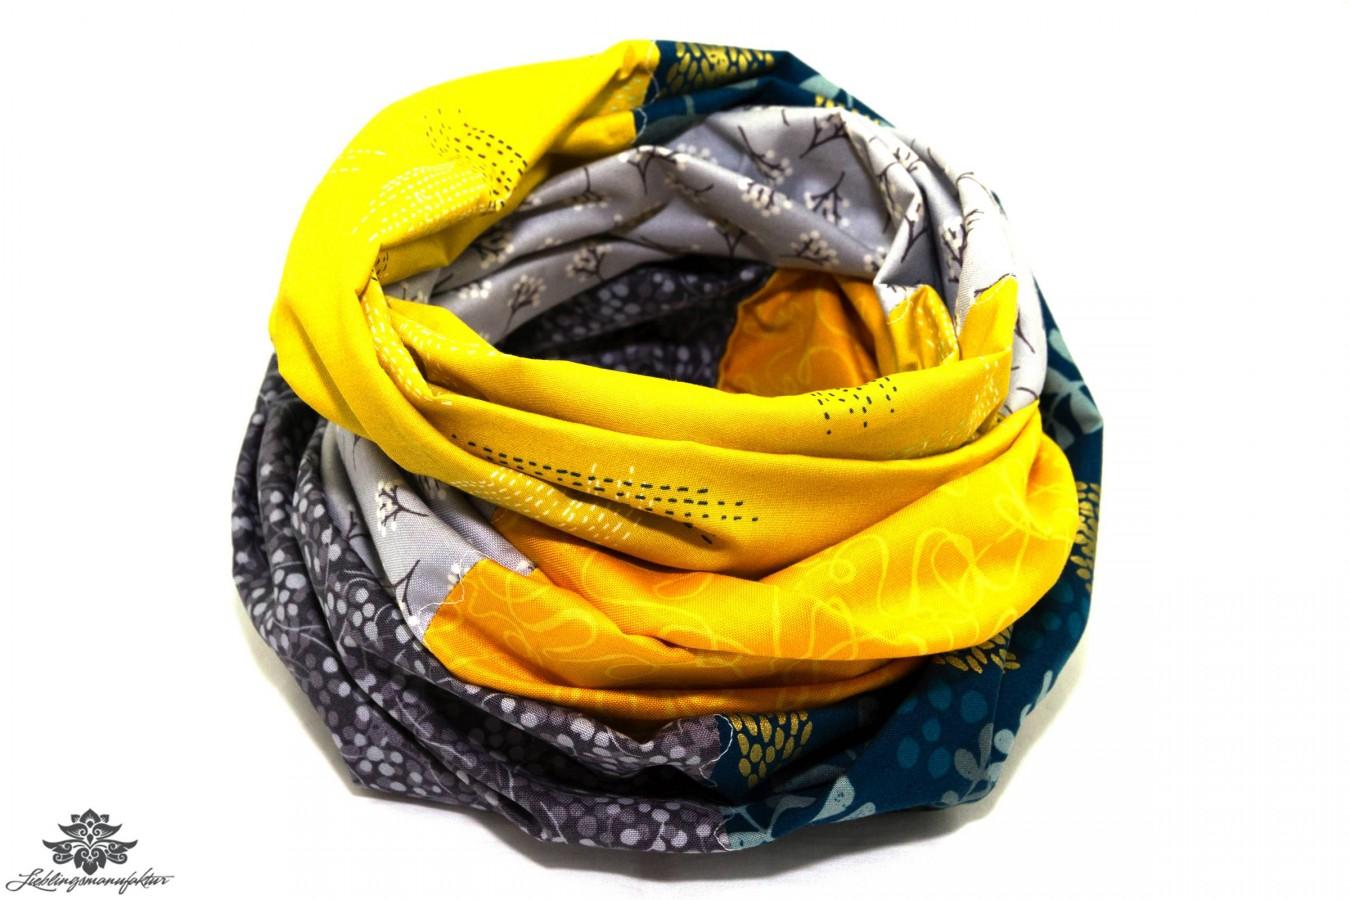 Premium-Auswahl Online-Verkauf Original kaufen Loop Schal grau gelb aus der Lieblingsmanufaktur